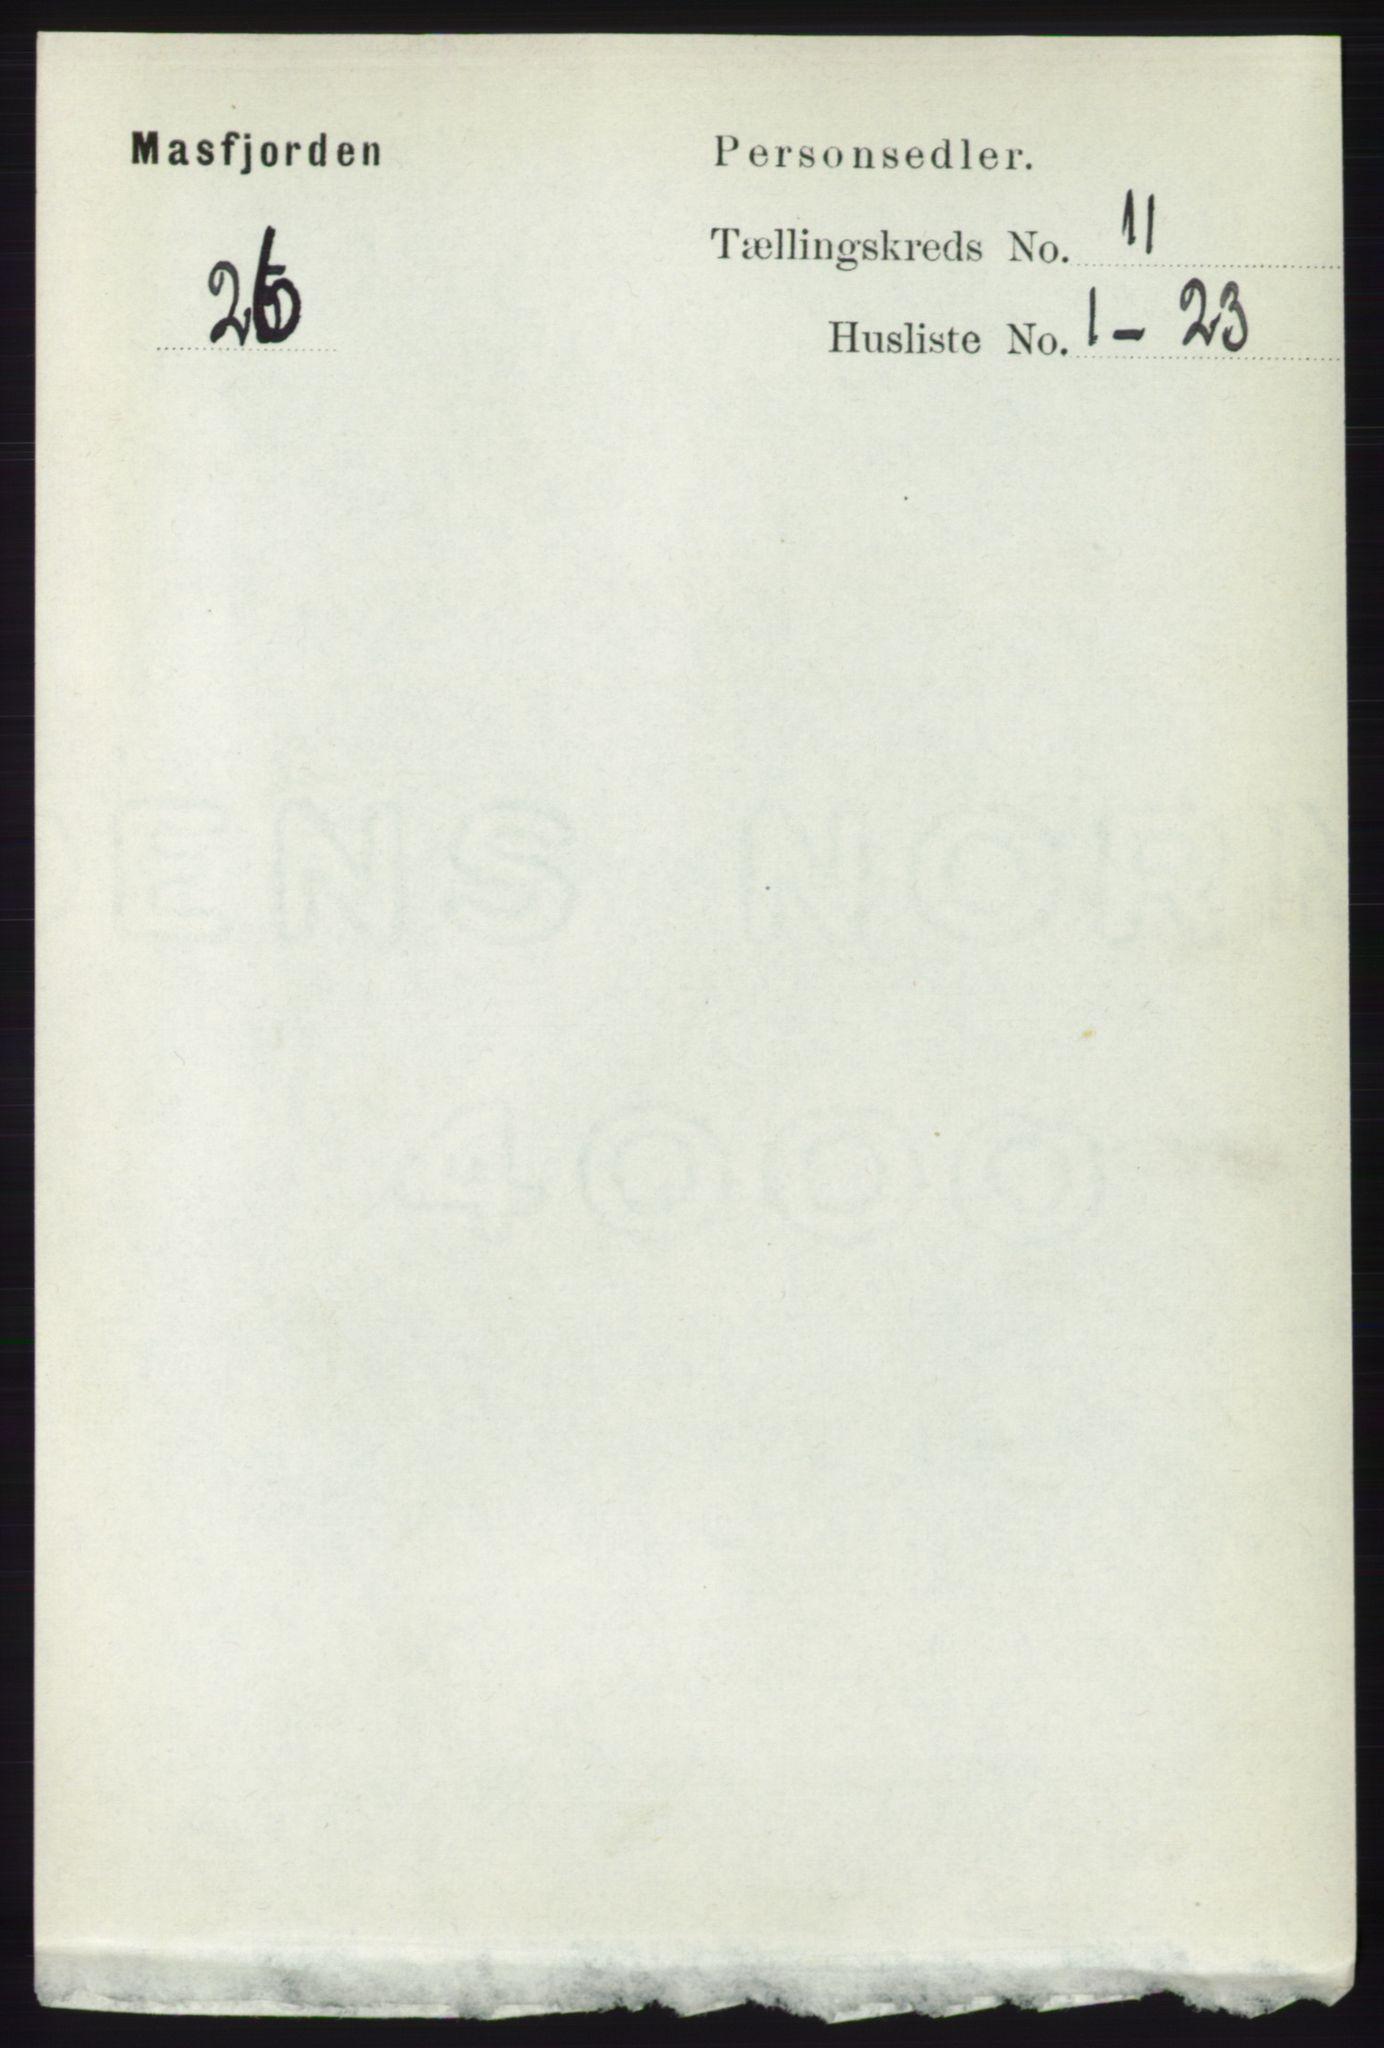 RA, Folketelling 1891 for 1266 Masfjorden herred, 1891, s. 2266